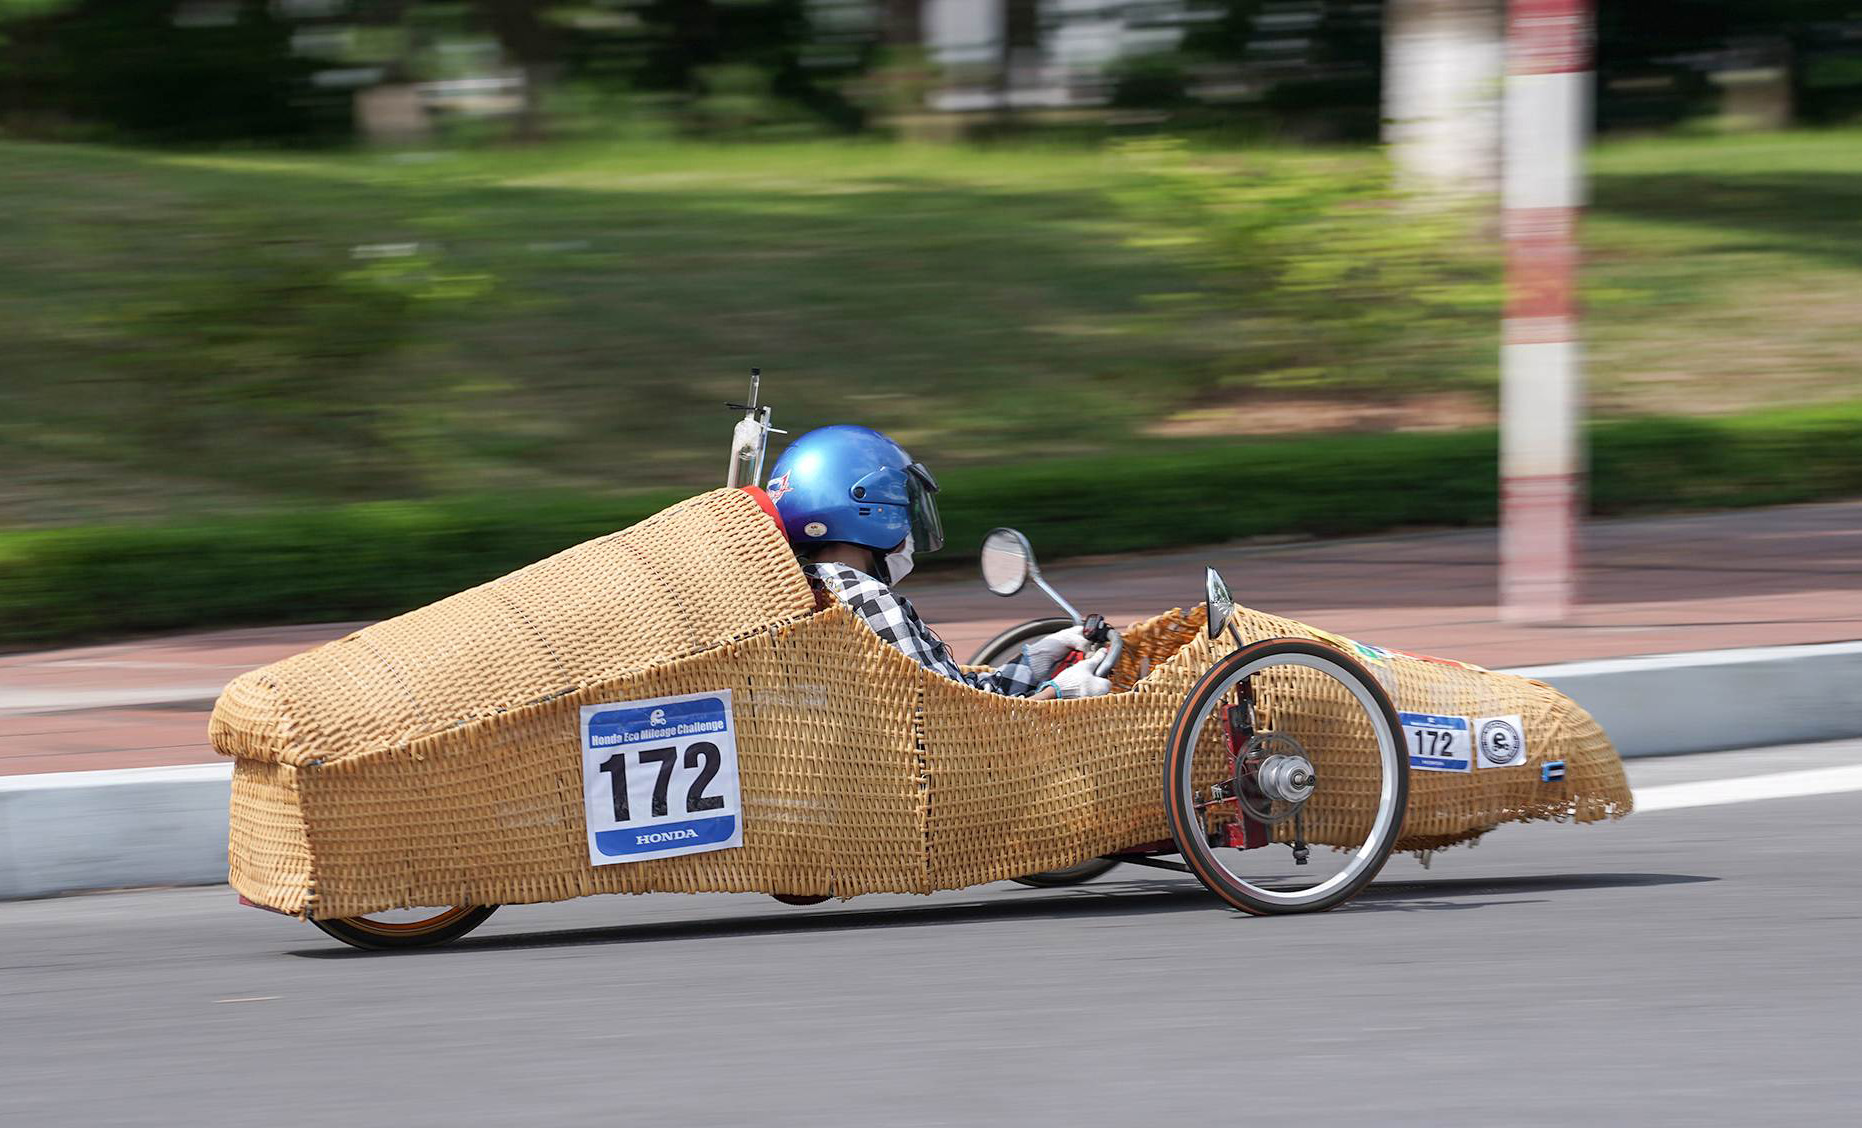 Chung kết cuộc thi Lái xe sinh thái Honda 2020 - 2